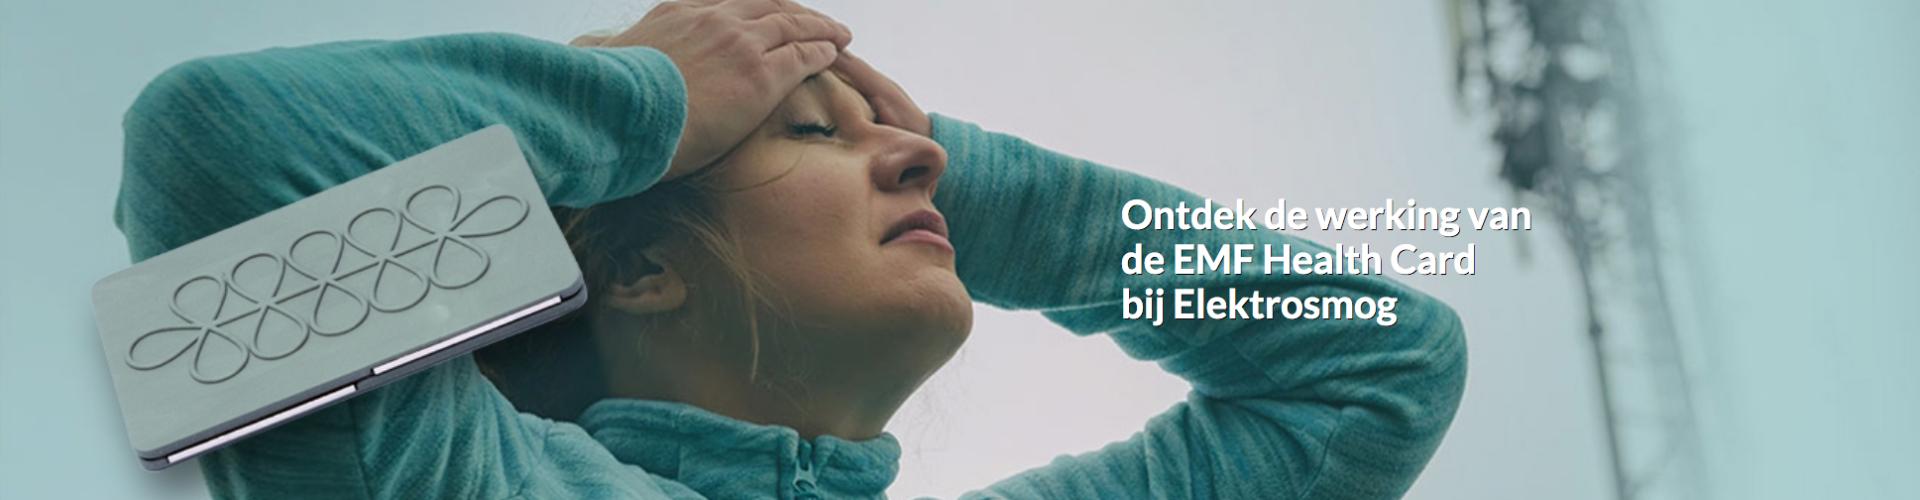 emf health card